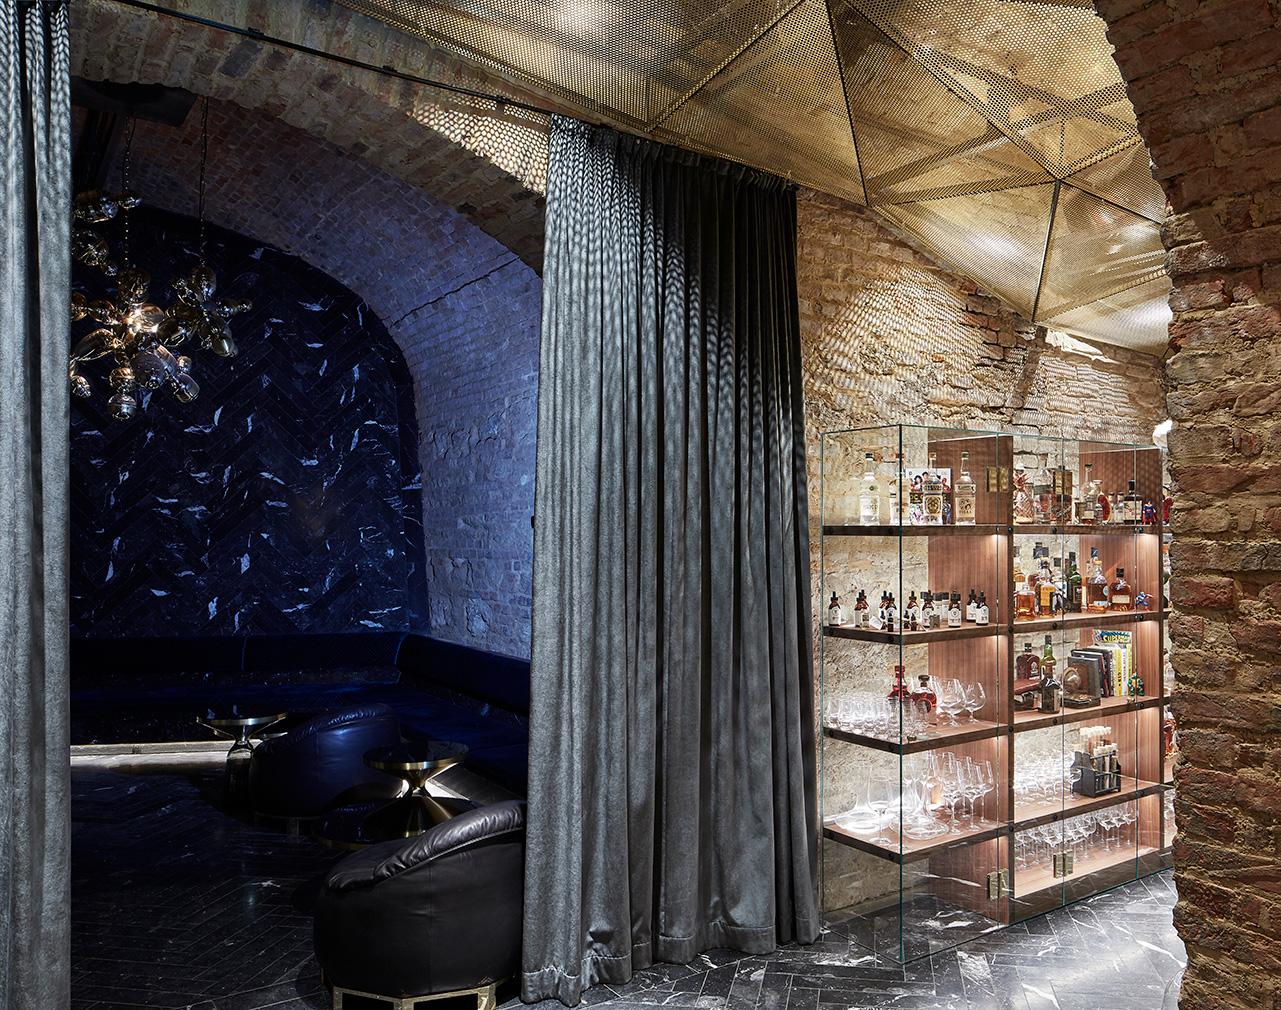 Vienna's Krypt cocktail bar